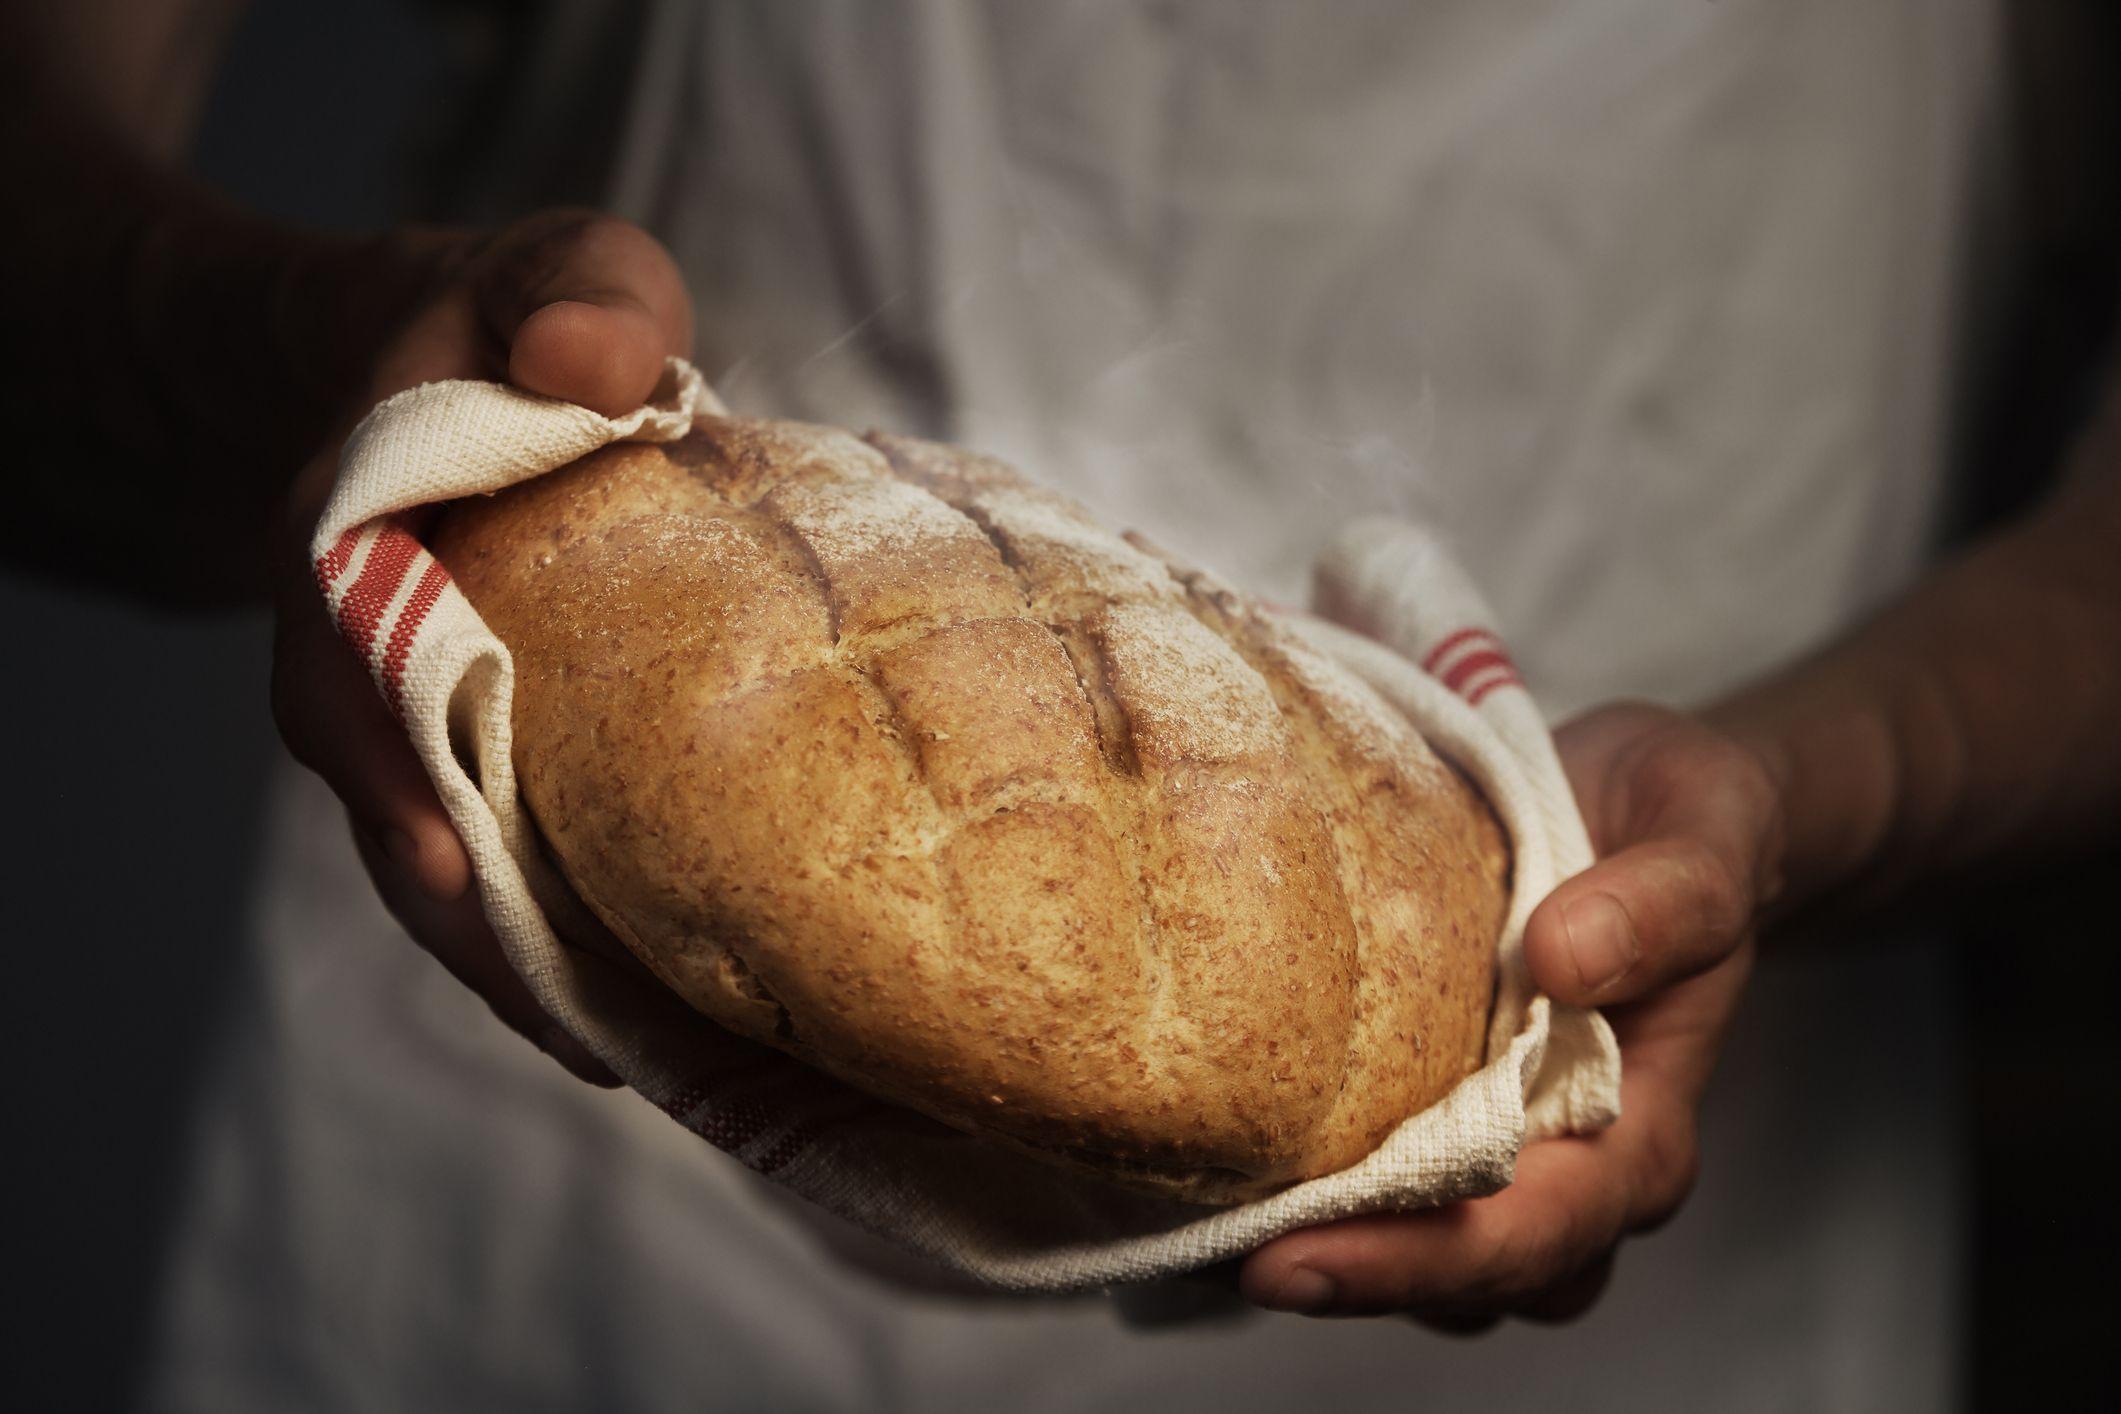 La farina di manitoba è meravigliosa per certe persone, rischiosa per altre